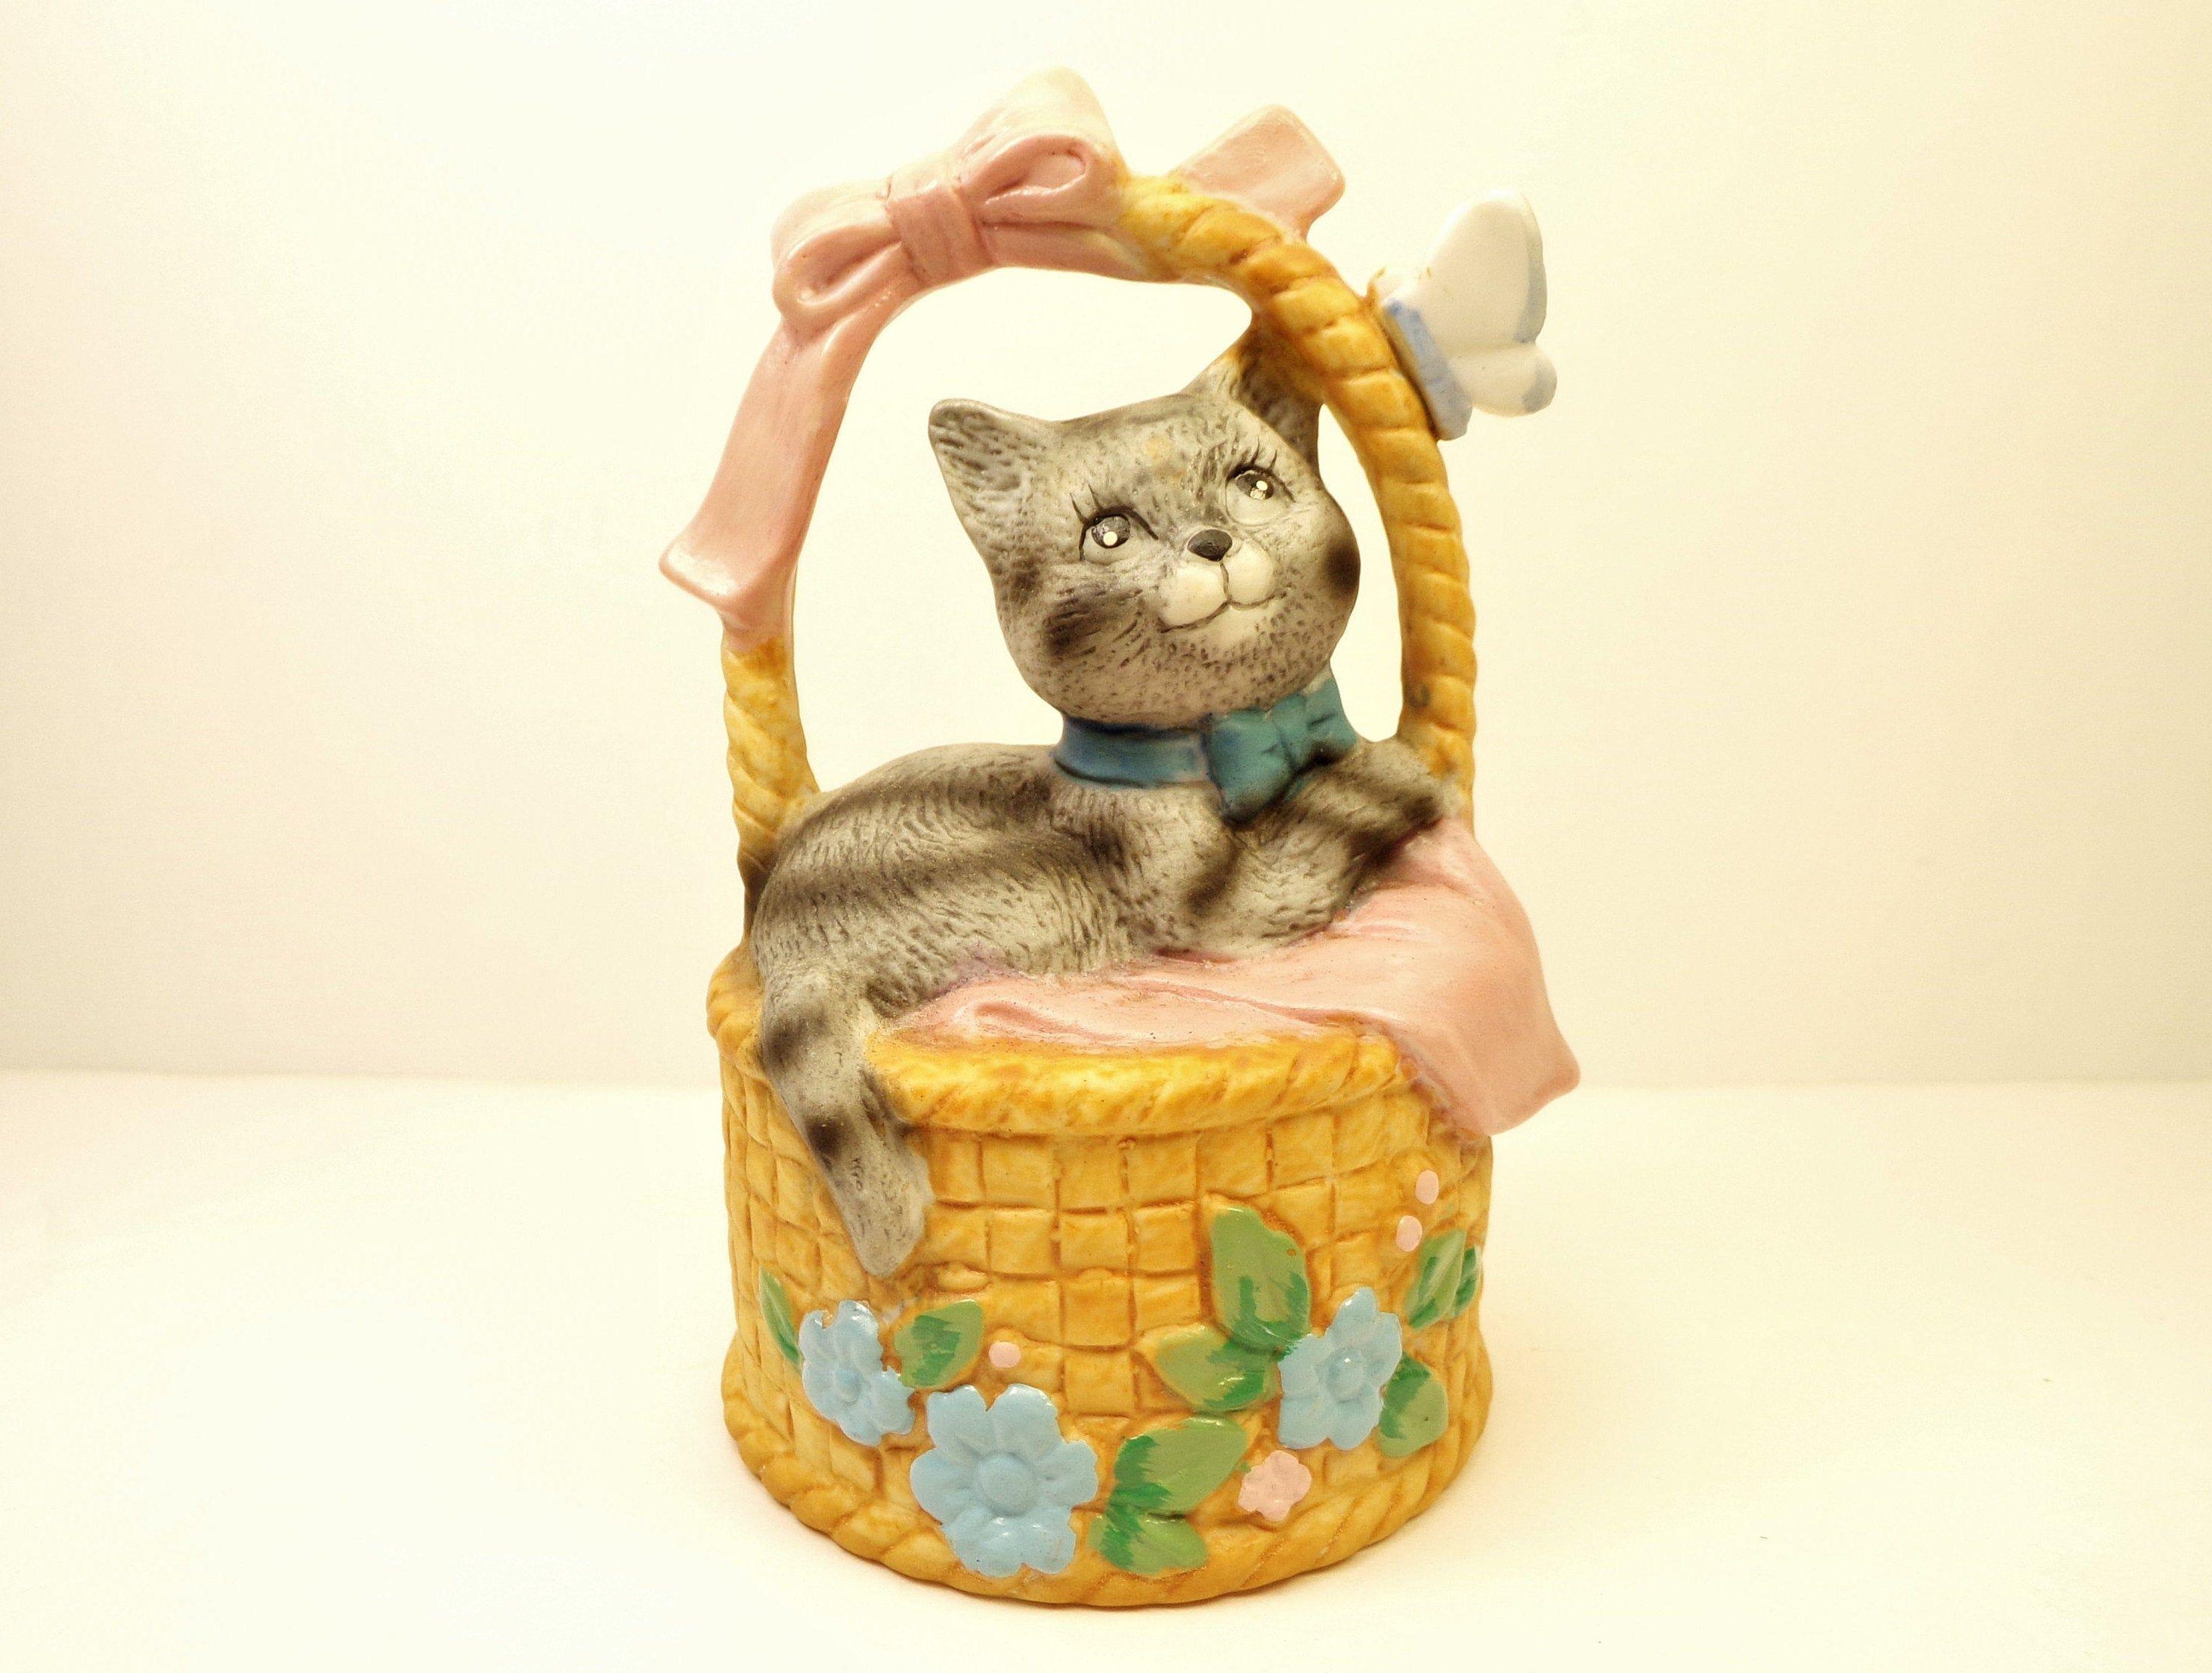 J S N Y Porcelain CollectABell Adorable Vintage Basket